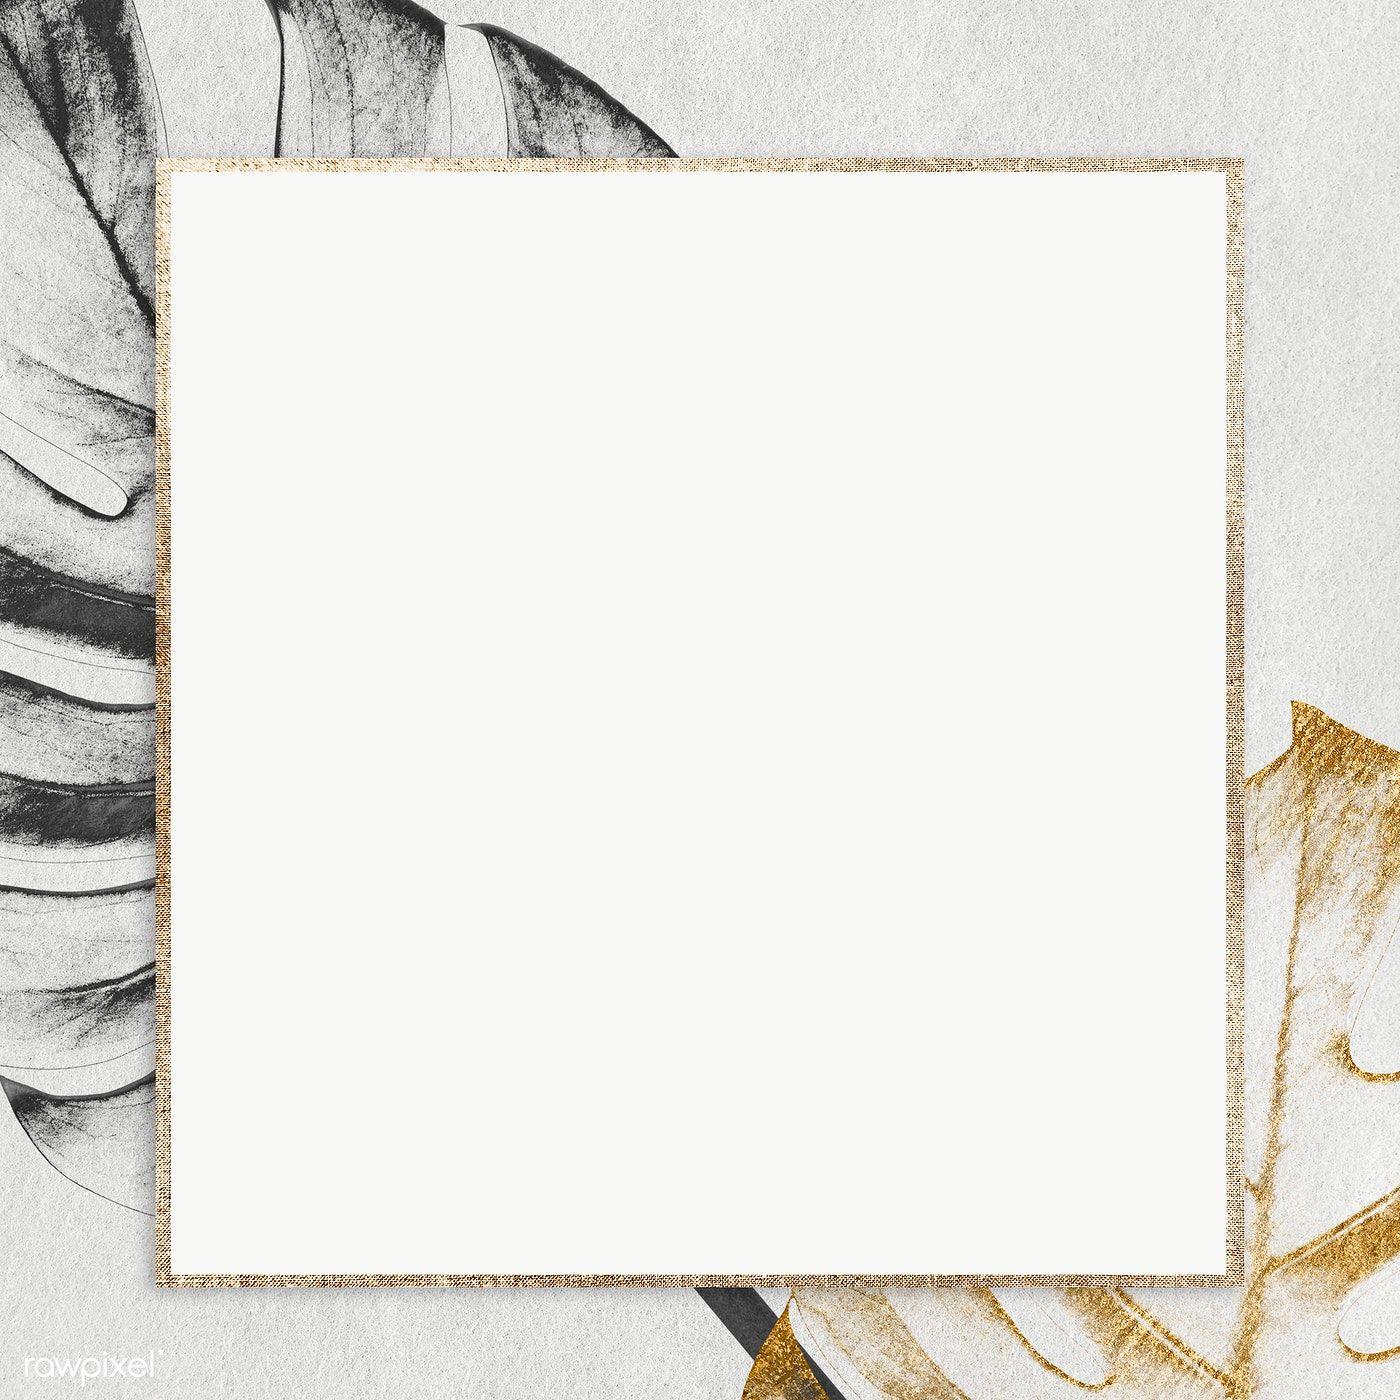 Download Premium Png Of Golden Square Monstera Frame Design Element Photo Frame Design Frame Design Design Element